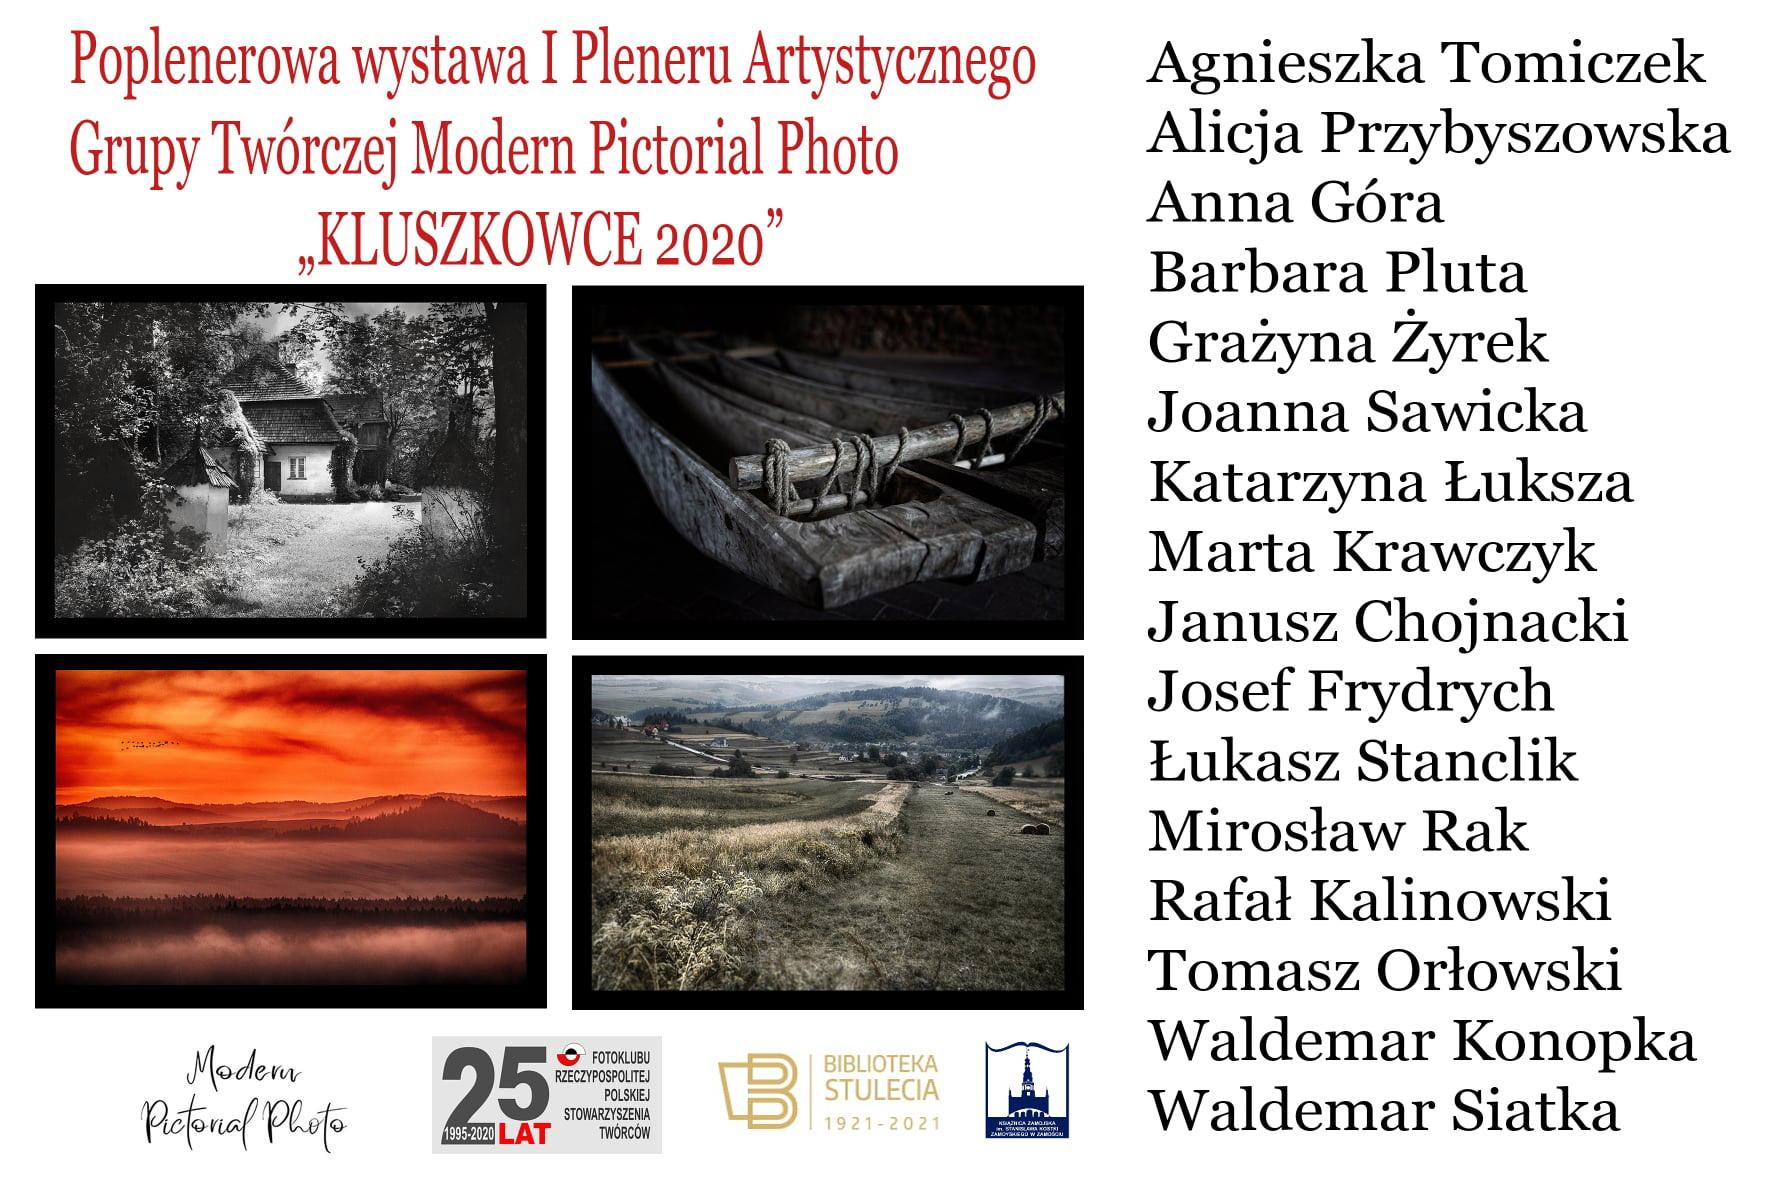 """plakatwsiatka Wystawa fotografii I Pleneru Artystycznego """"Kluszkowce 2020"""""""